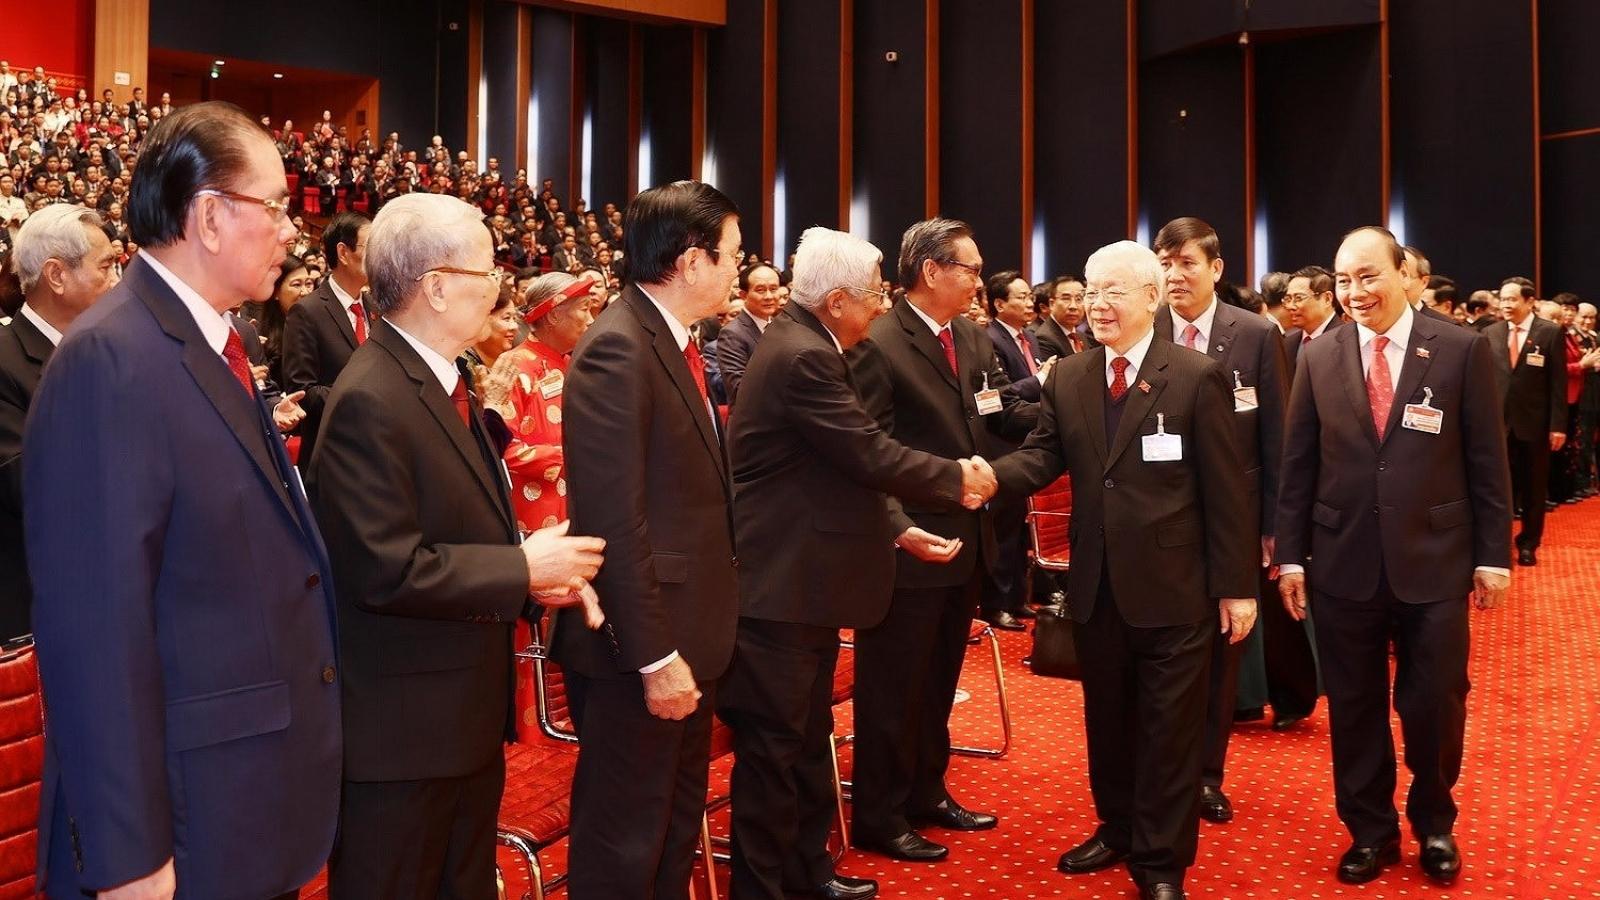 Đại hội XIII của Đảng Cộng sản Việt Nam nhận được 215 điện mừng của bạn bè quốc tế